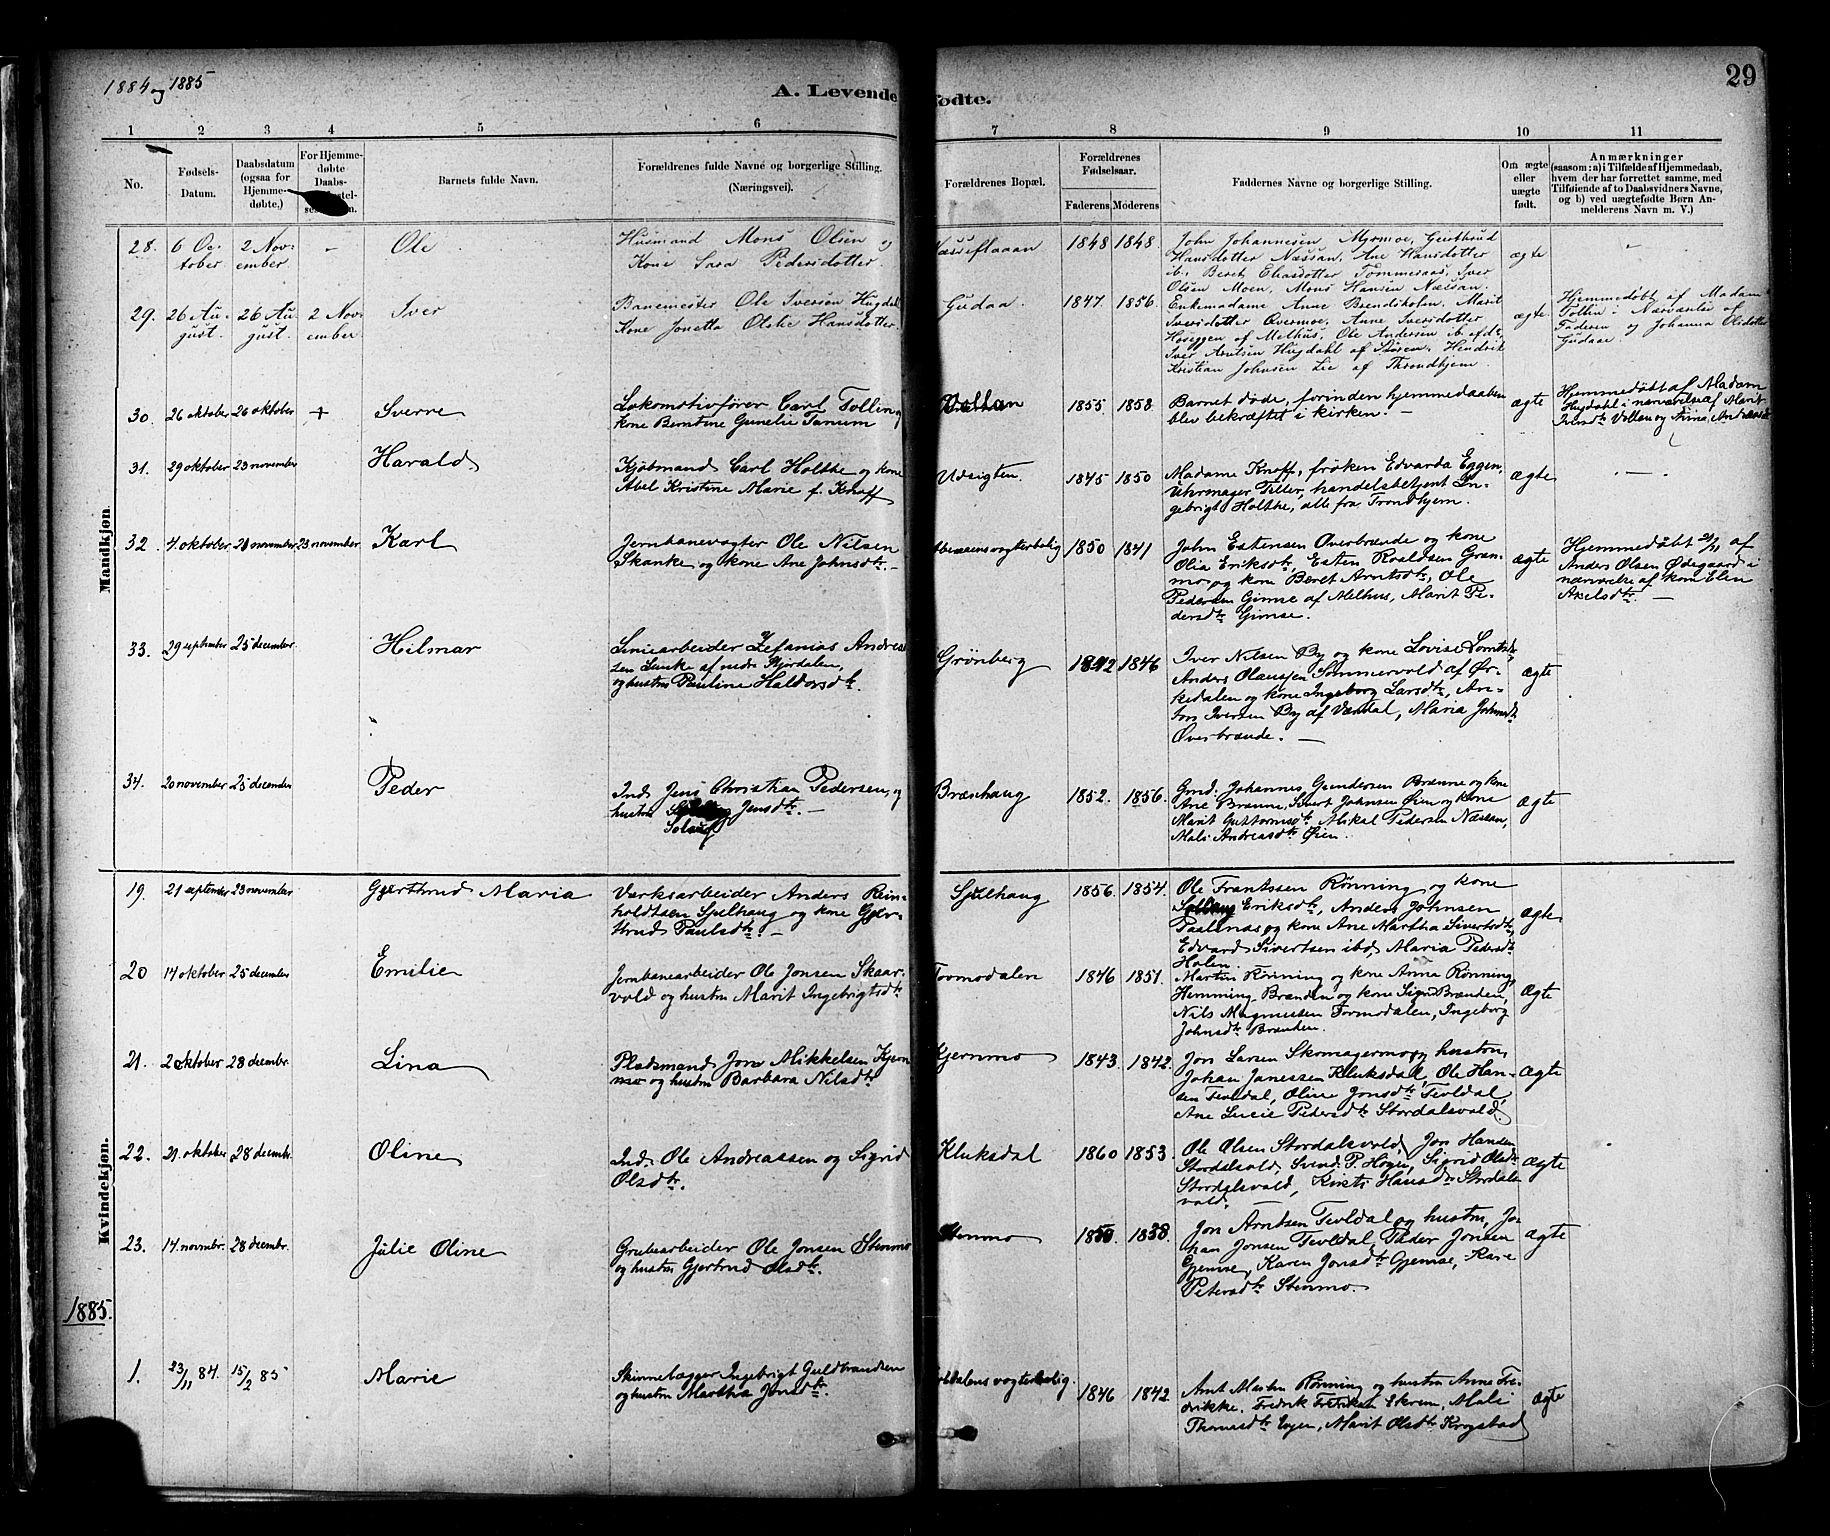 SAT, Ministerialprotokoller, klokkerbøker og fødselsregistre - Nord-Trøndelag, 706/L0047: Ministerialbok nr. 706A03, 1878-1892, s. 29